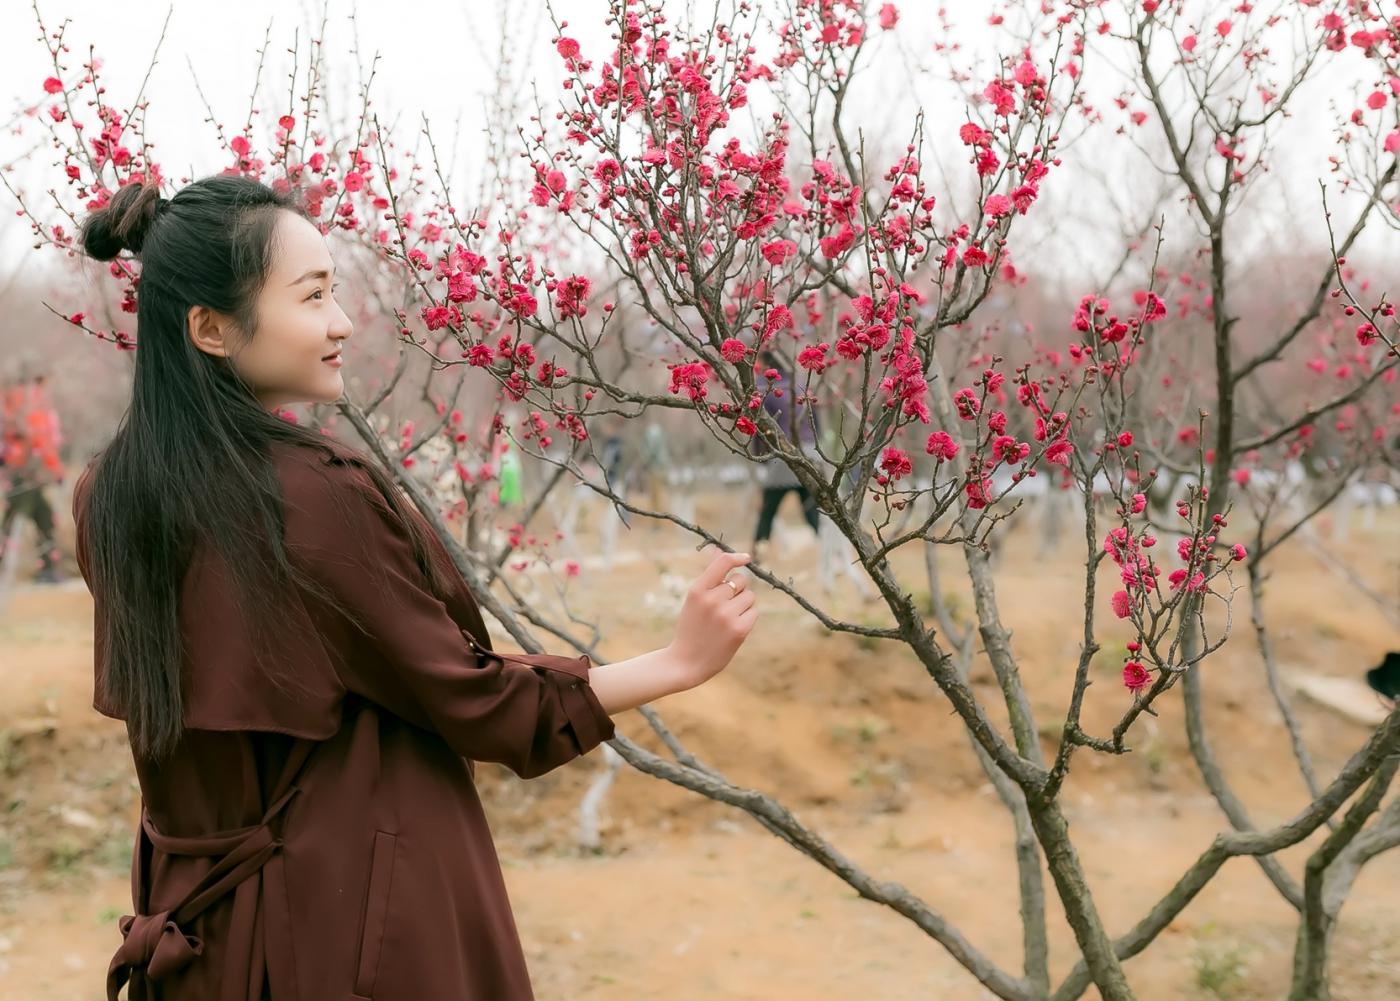 沂水雪山梅园走来一群赏梅踏春的沂蒙女孩 摄影人和女孩们成为梅园一道亮丽的风景线 ..._图1-27